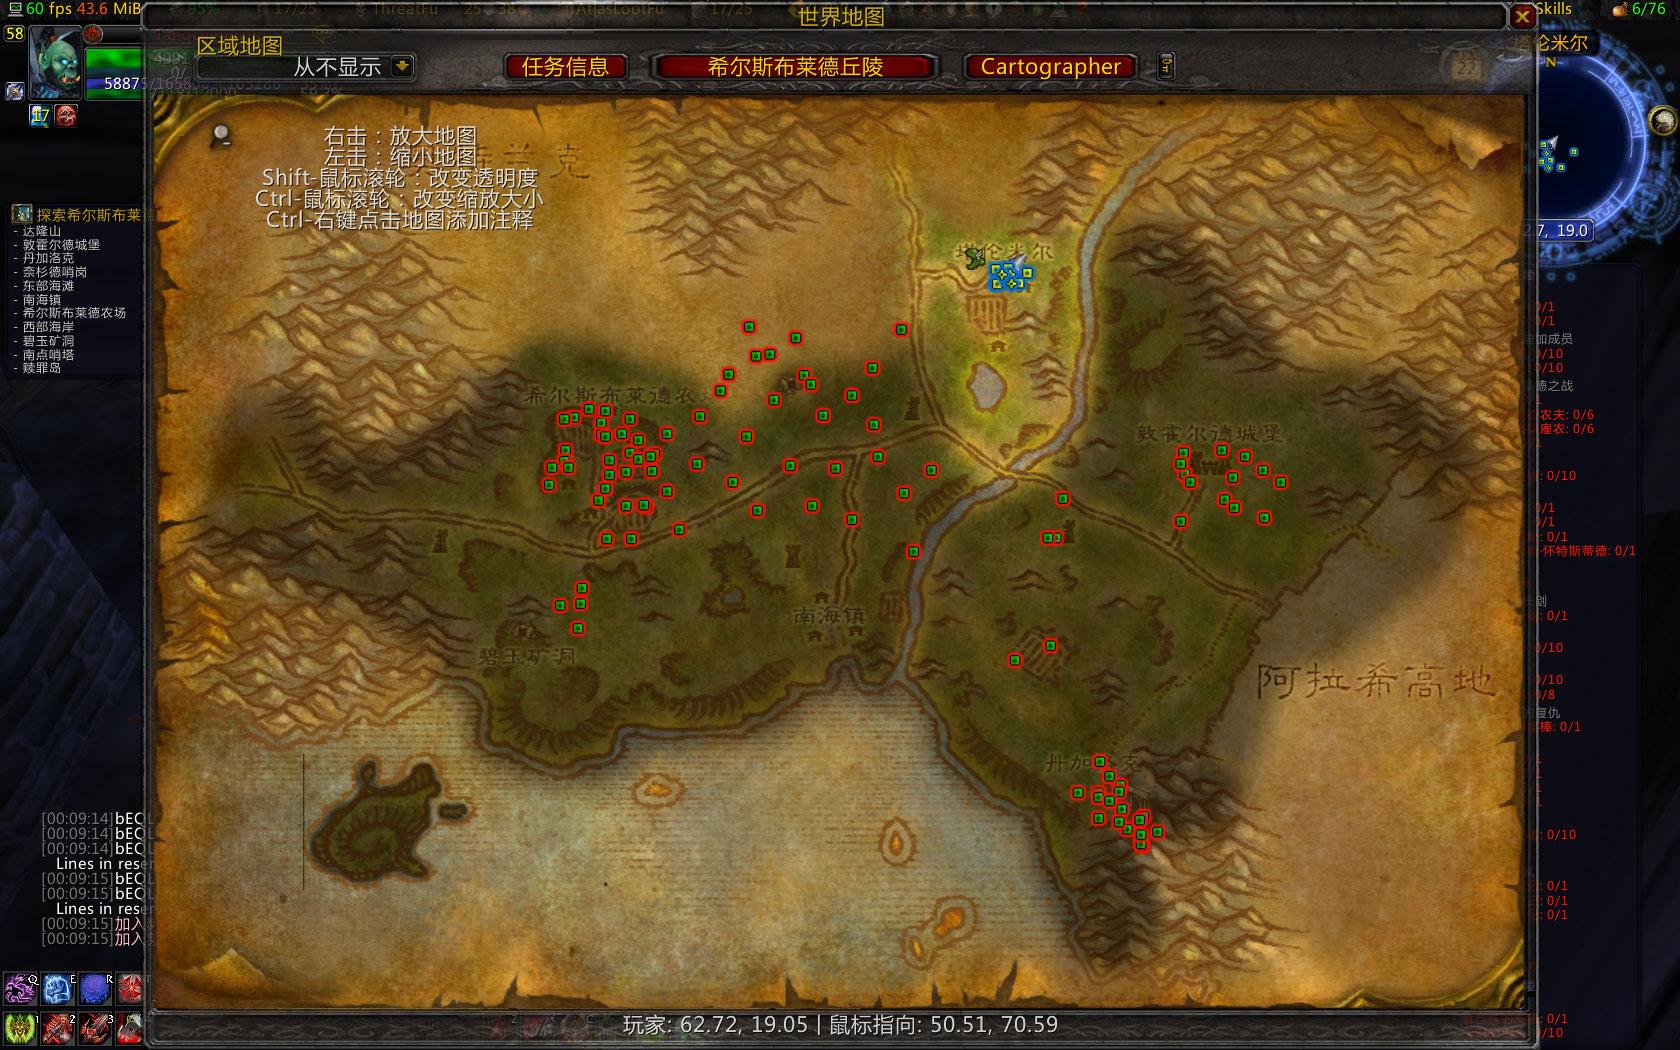 魔兽世界大地图坐标重叠